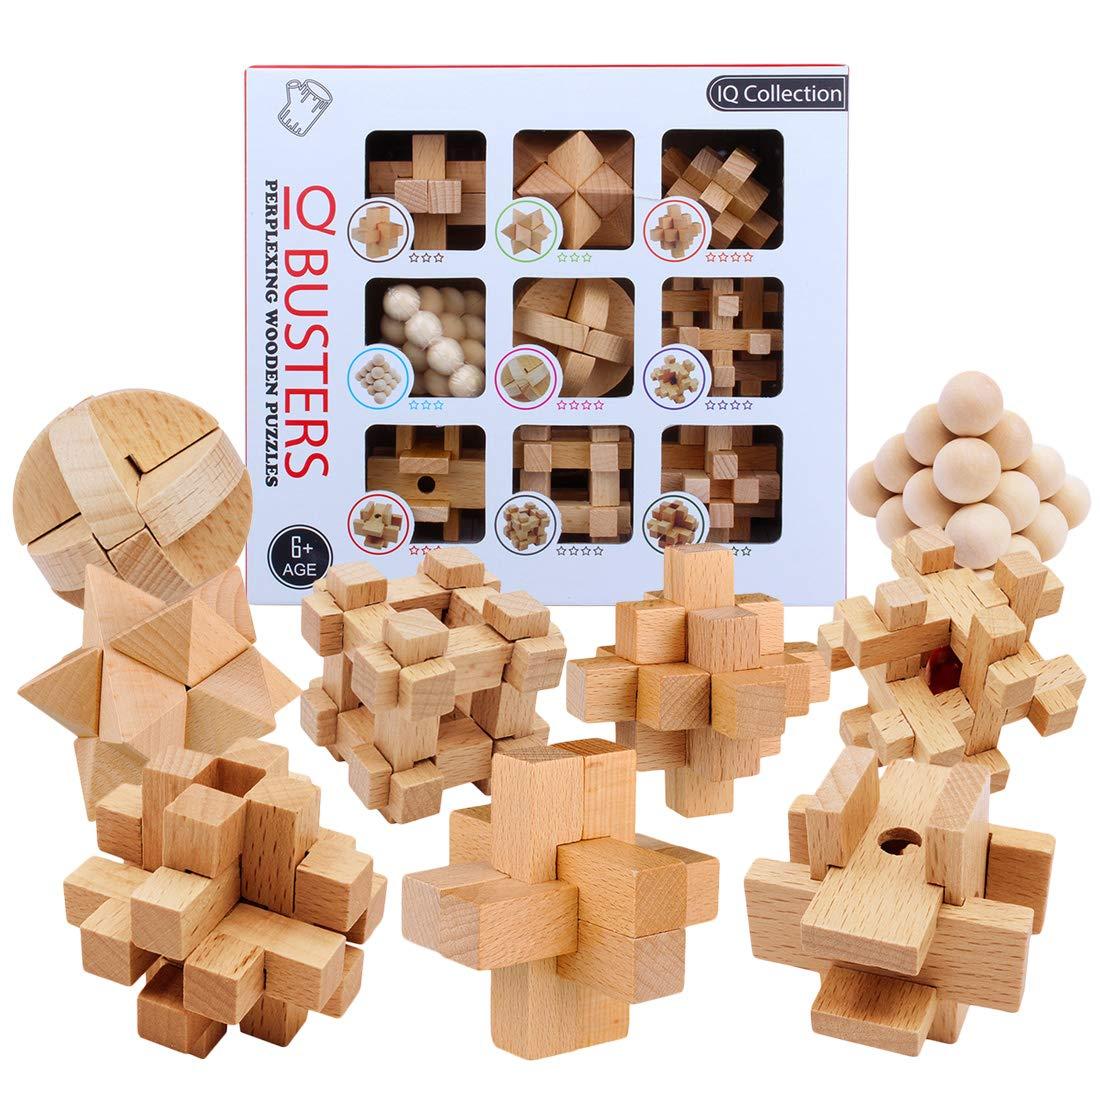 VenGo 9Pack Rompecabezas Madera Puzzles 3D Juegos de Ingenio Calendario de Adviento para Ni/ños y Adultos